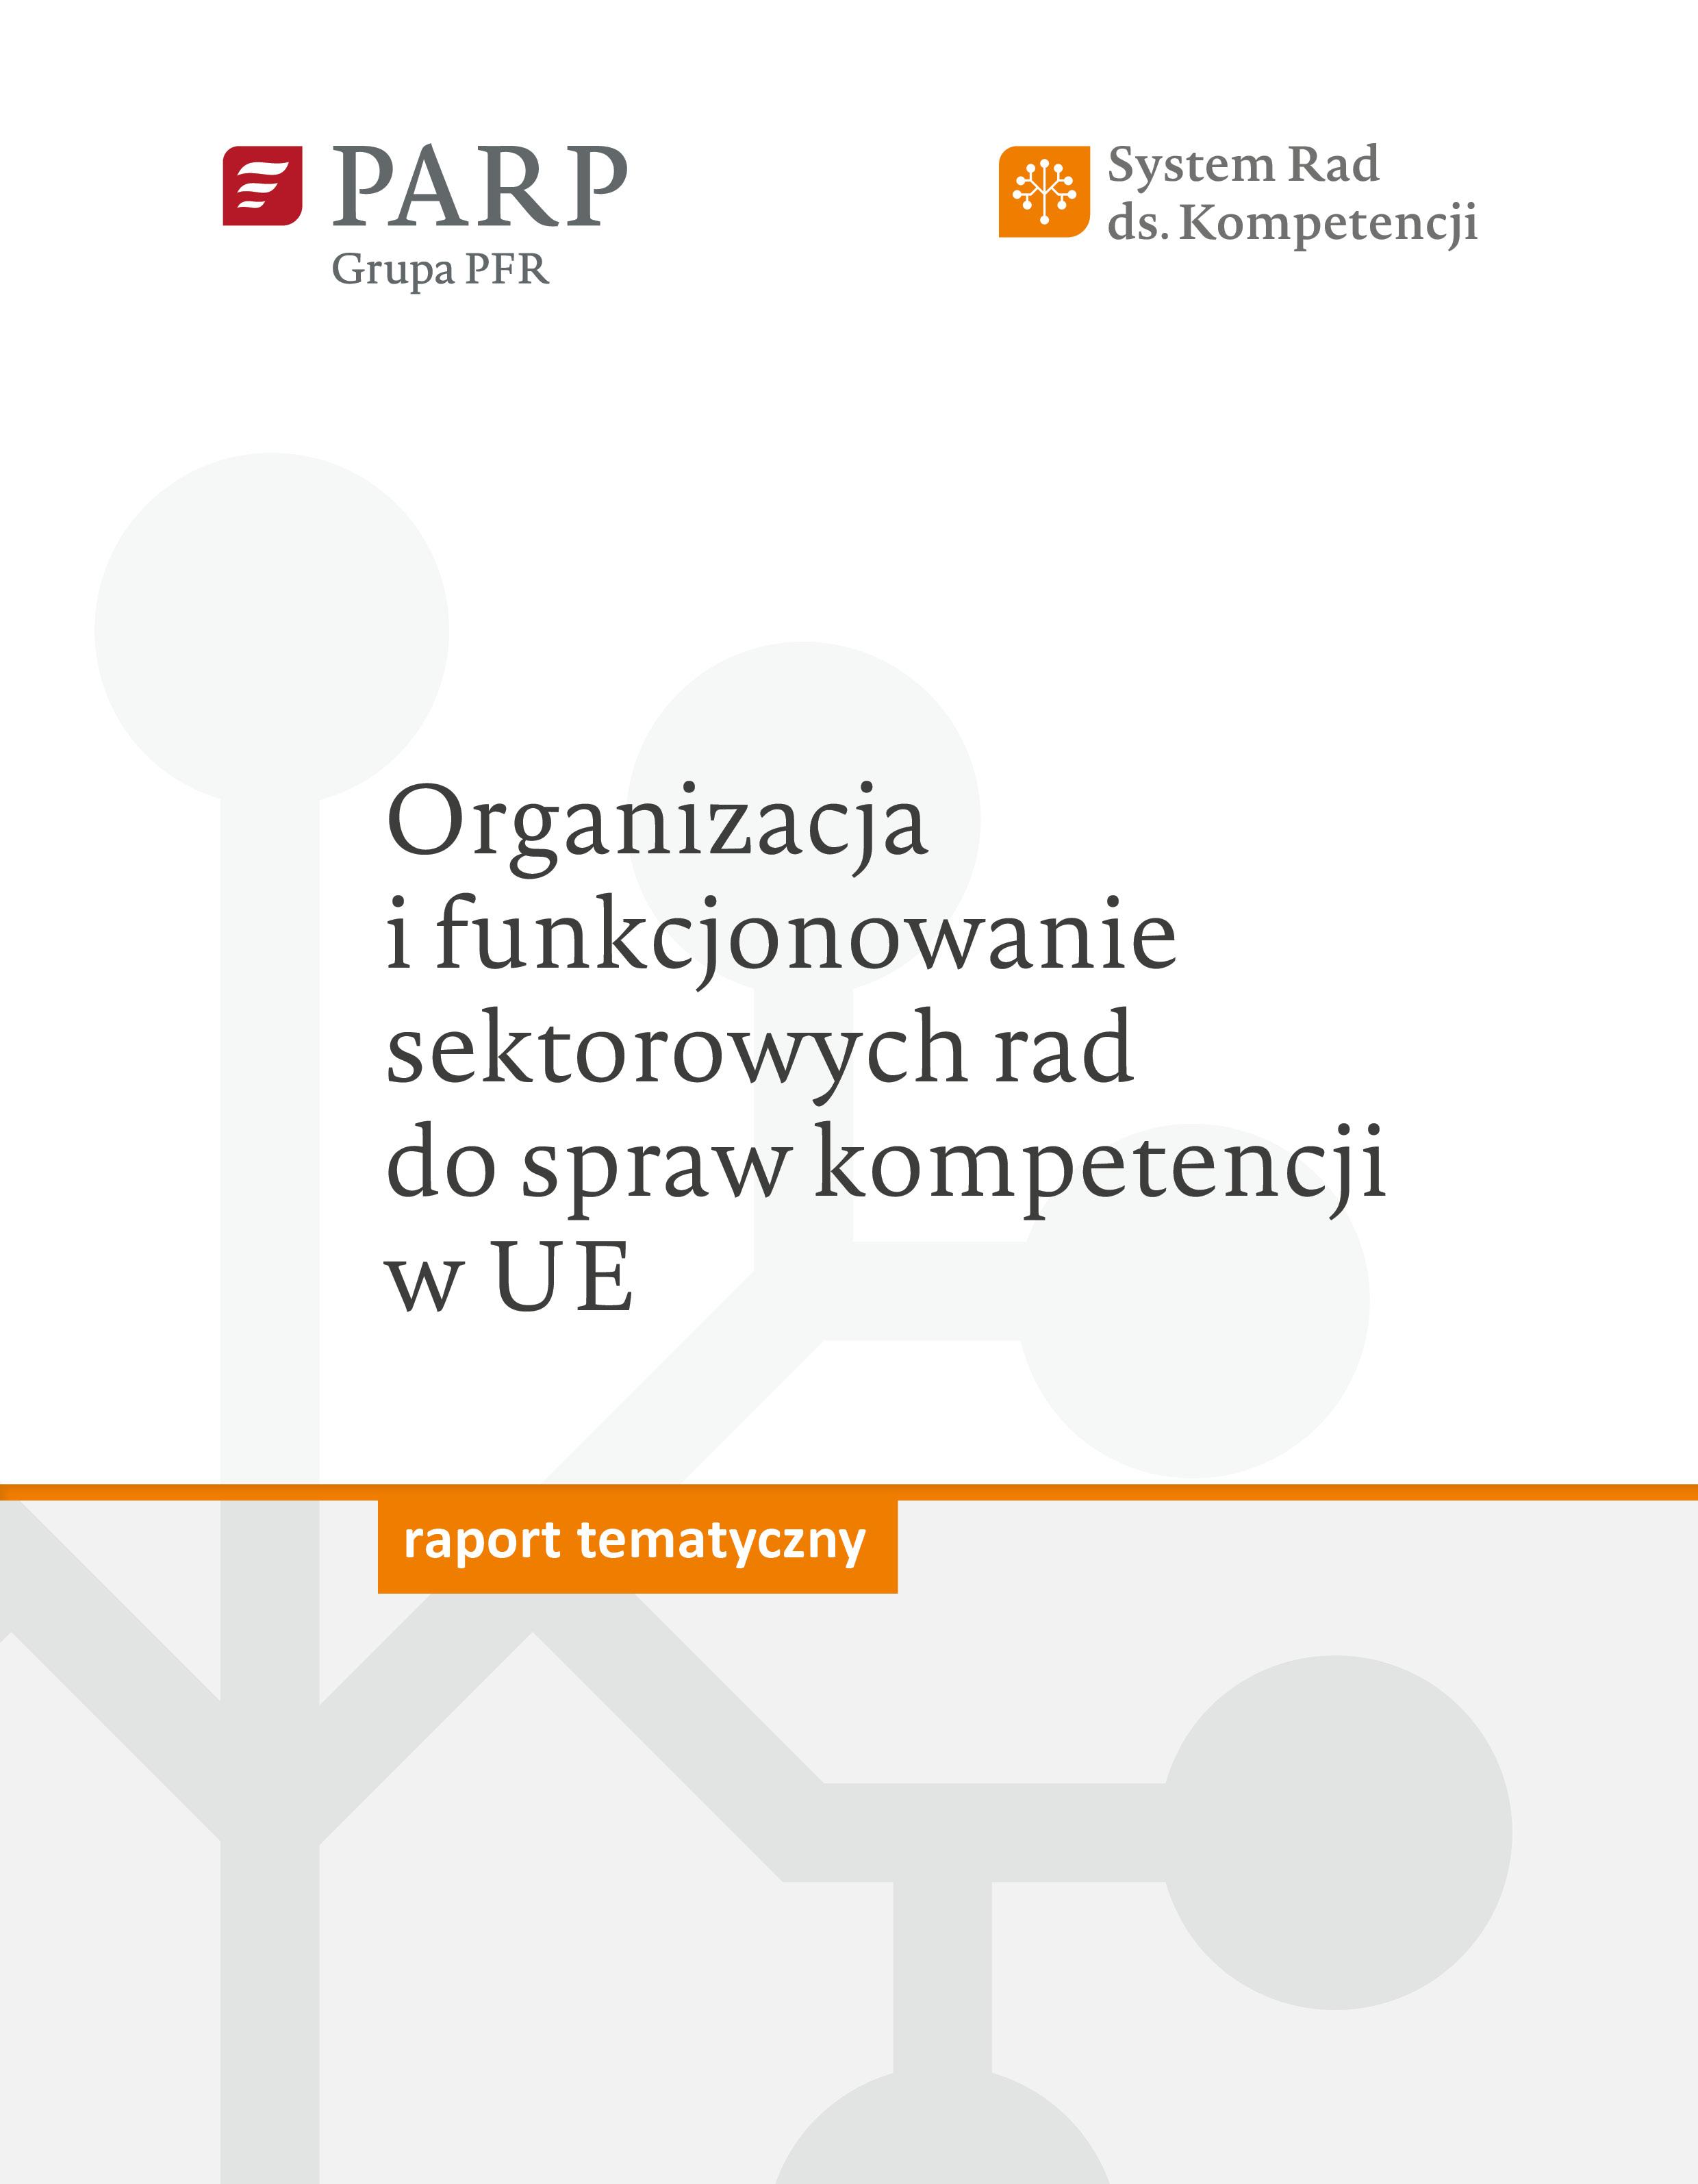 Organizacja i funkcjonowanie sektorowych rad do spraw kompetencji w UE